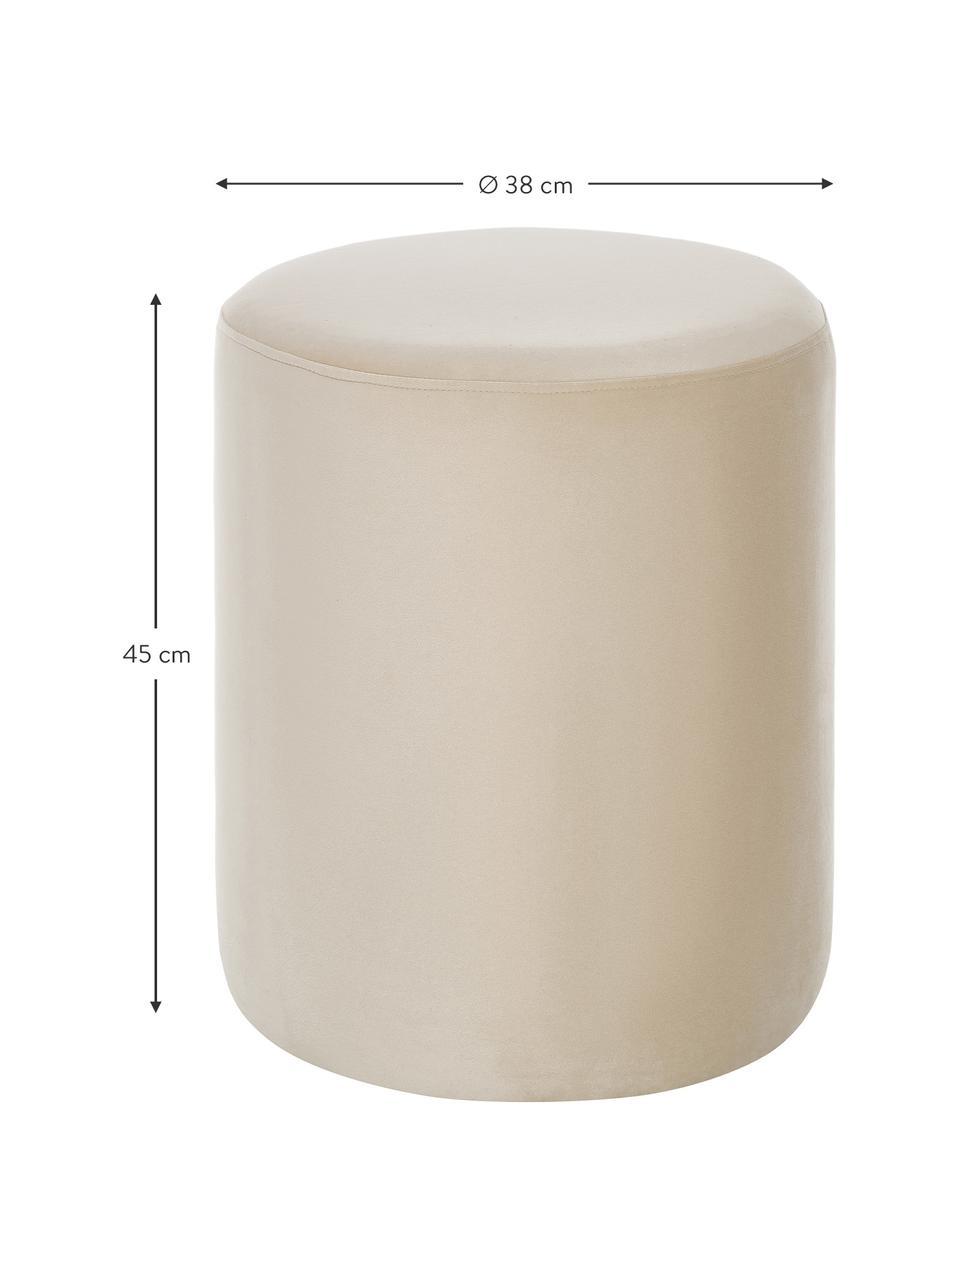 Puf z aksamitu Daisy, Tapicerka: aksamit (poliester) Dzięk, Aksamitny beżowy, Ø 38 x W 45 cm